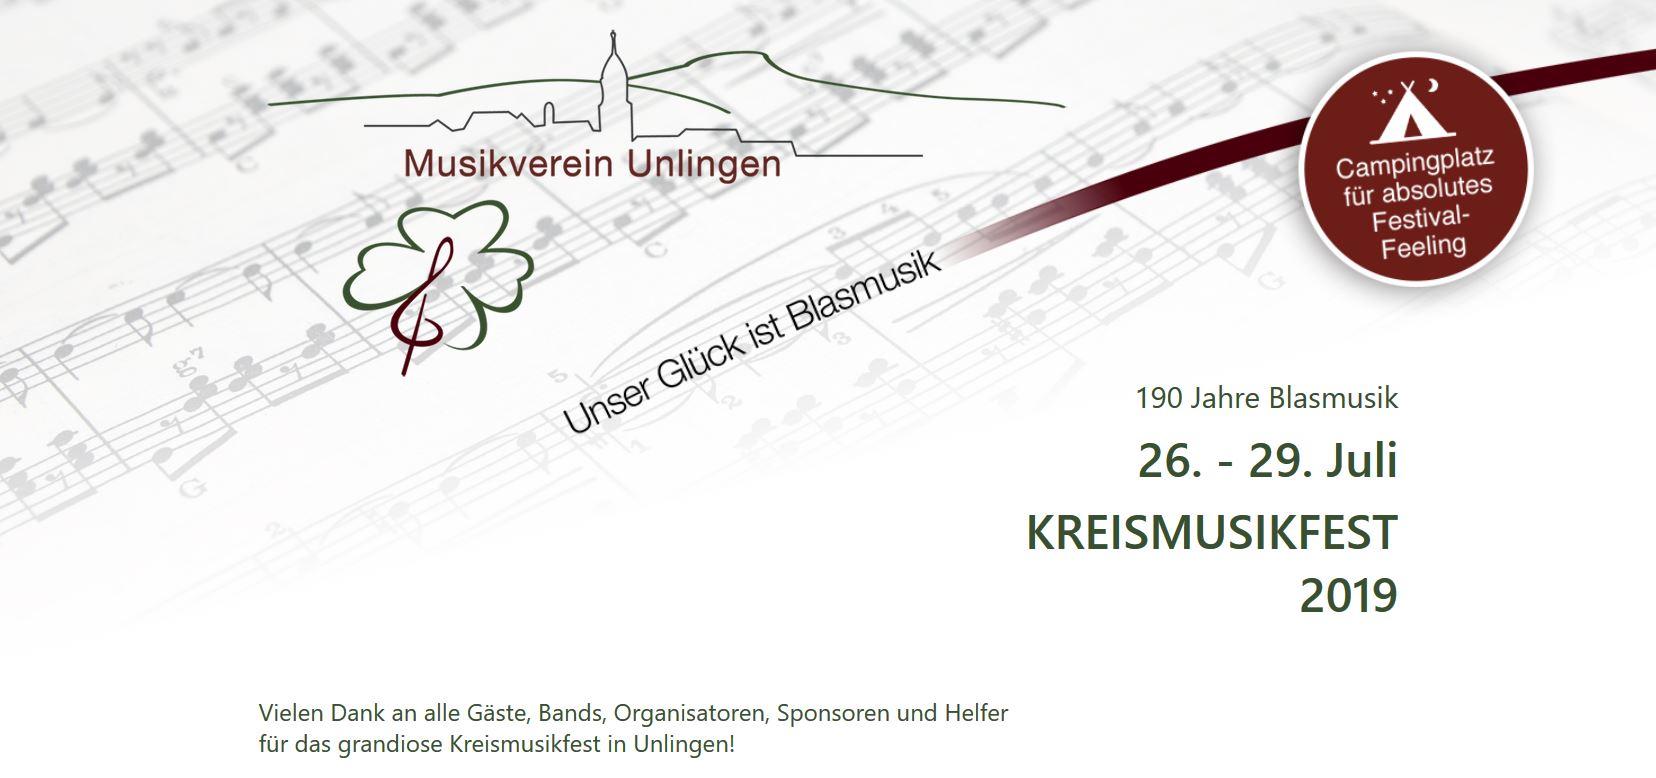 Eindrücke vom Kreismusikfest 2019 in Unlingen